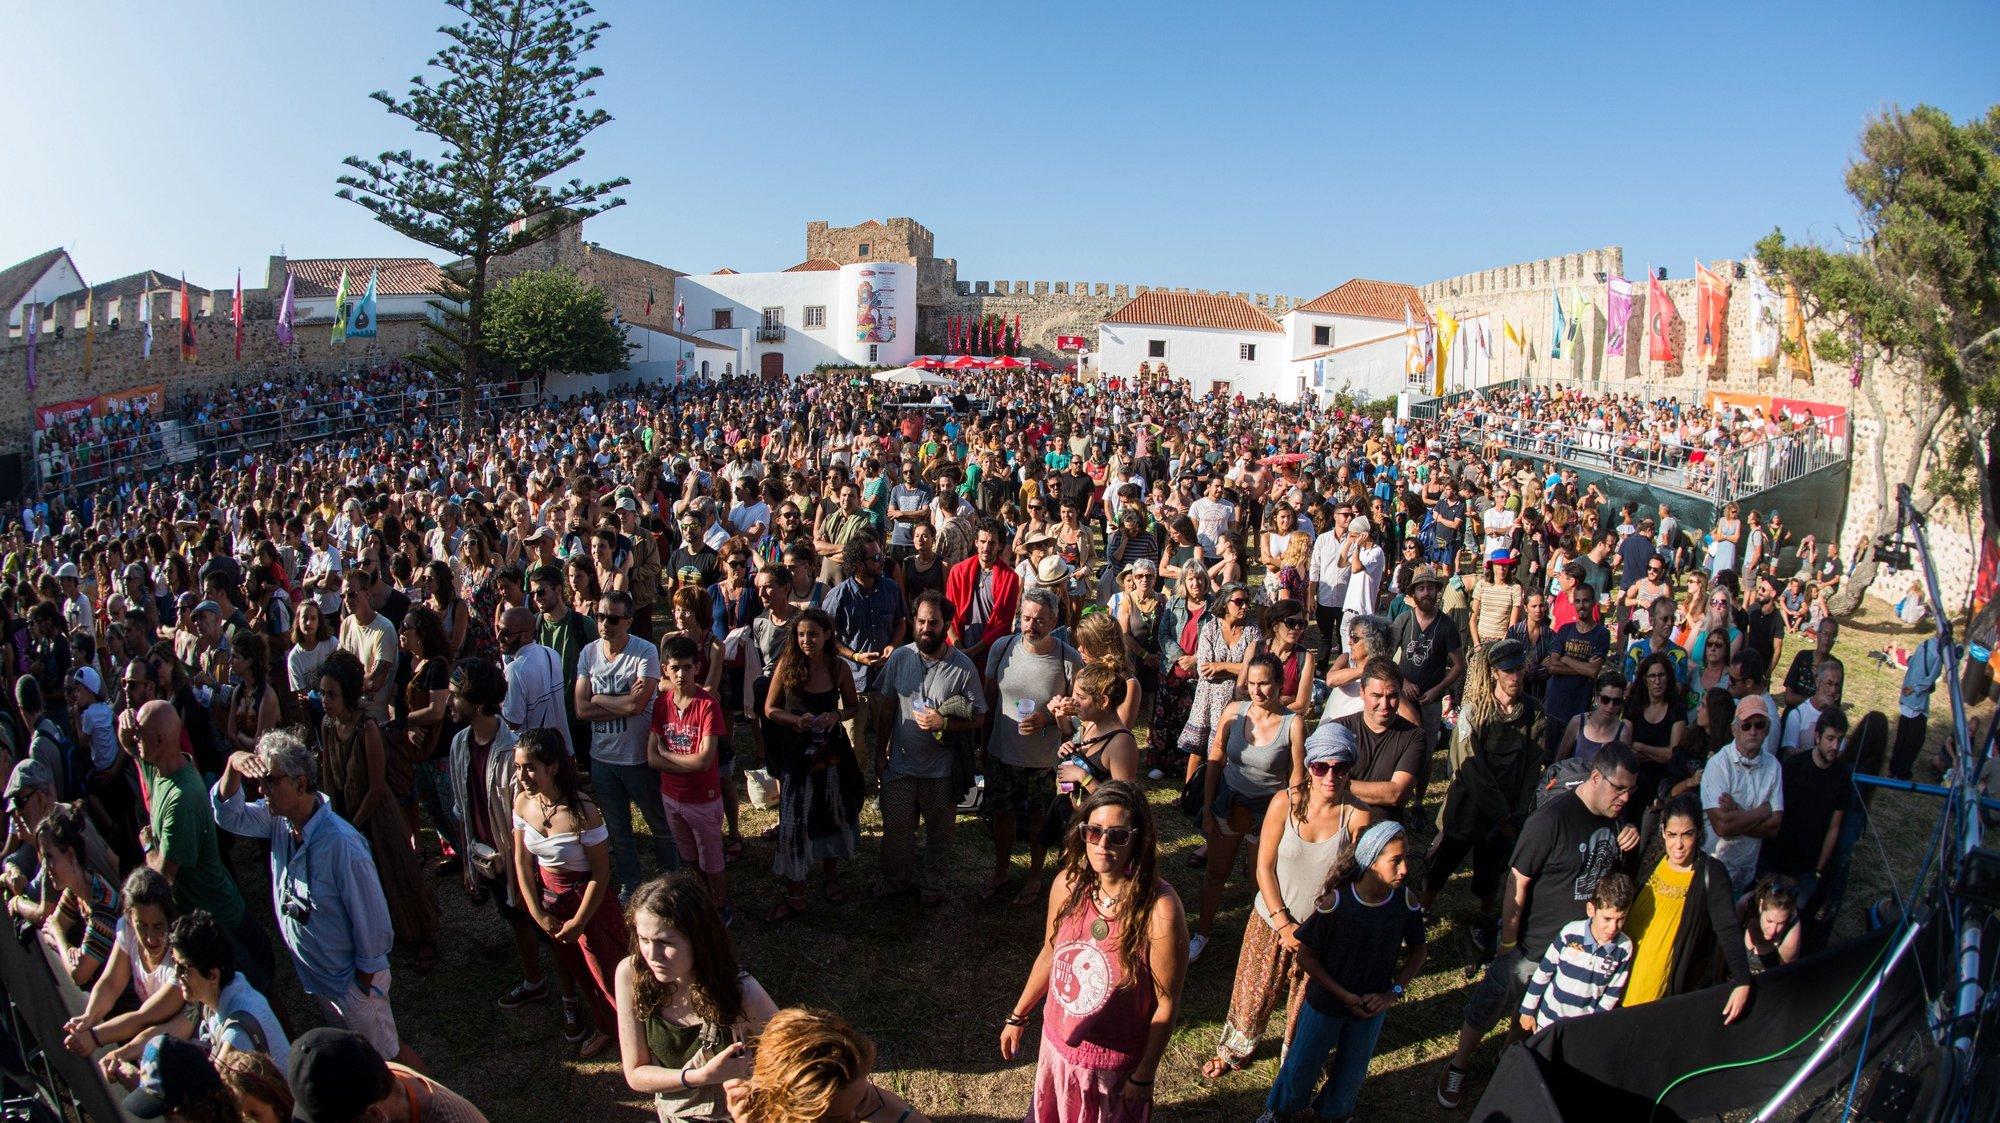 Festivaleiros durante a 21.ª edição do Festival Músicas do Mundo, FMM Sines 2019, em Sines, 26 de julho de 2019. TIAGO CANHOTO/LUSA